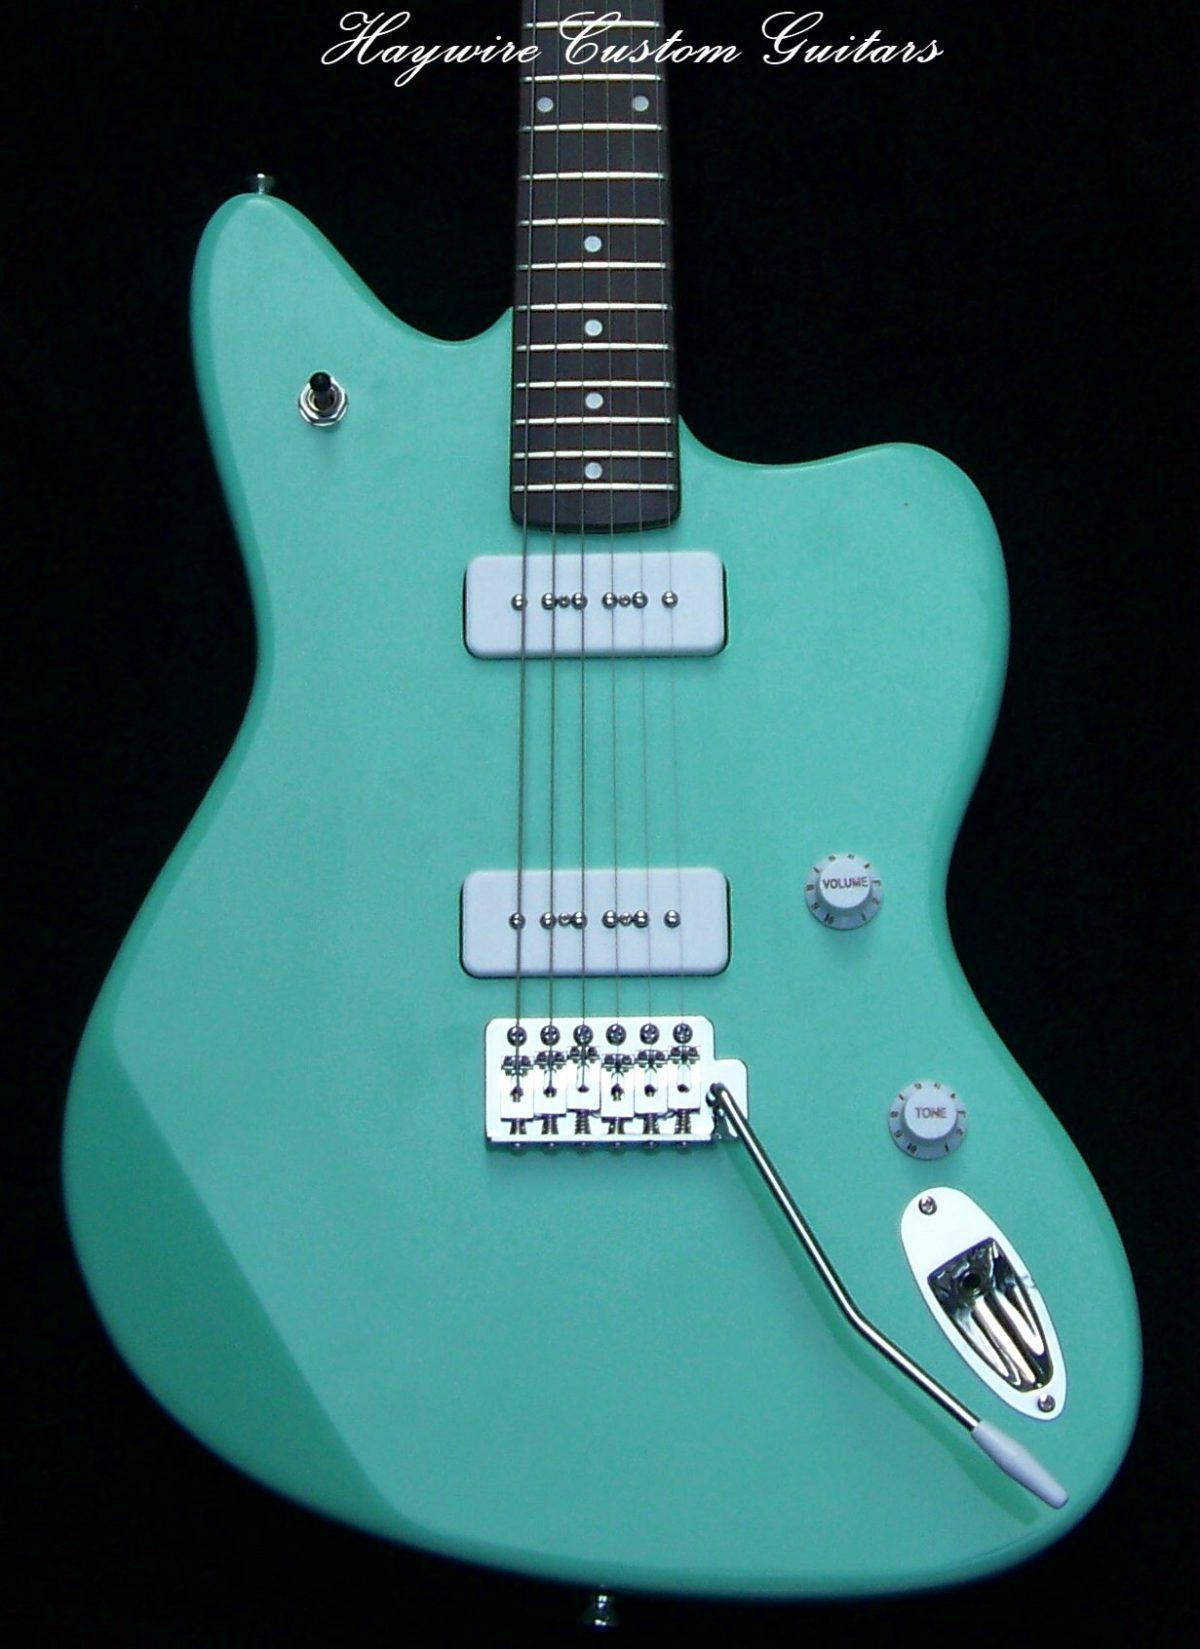 image New Haywire Custom Guitars Jazz White Pickup P-90 Surf Green 1